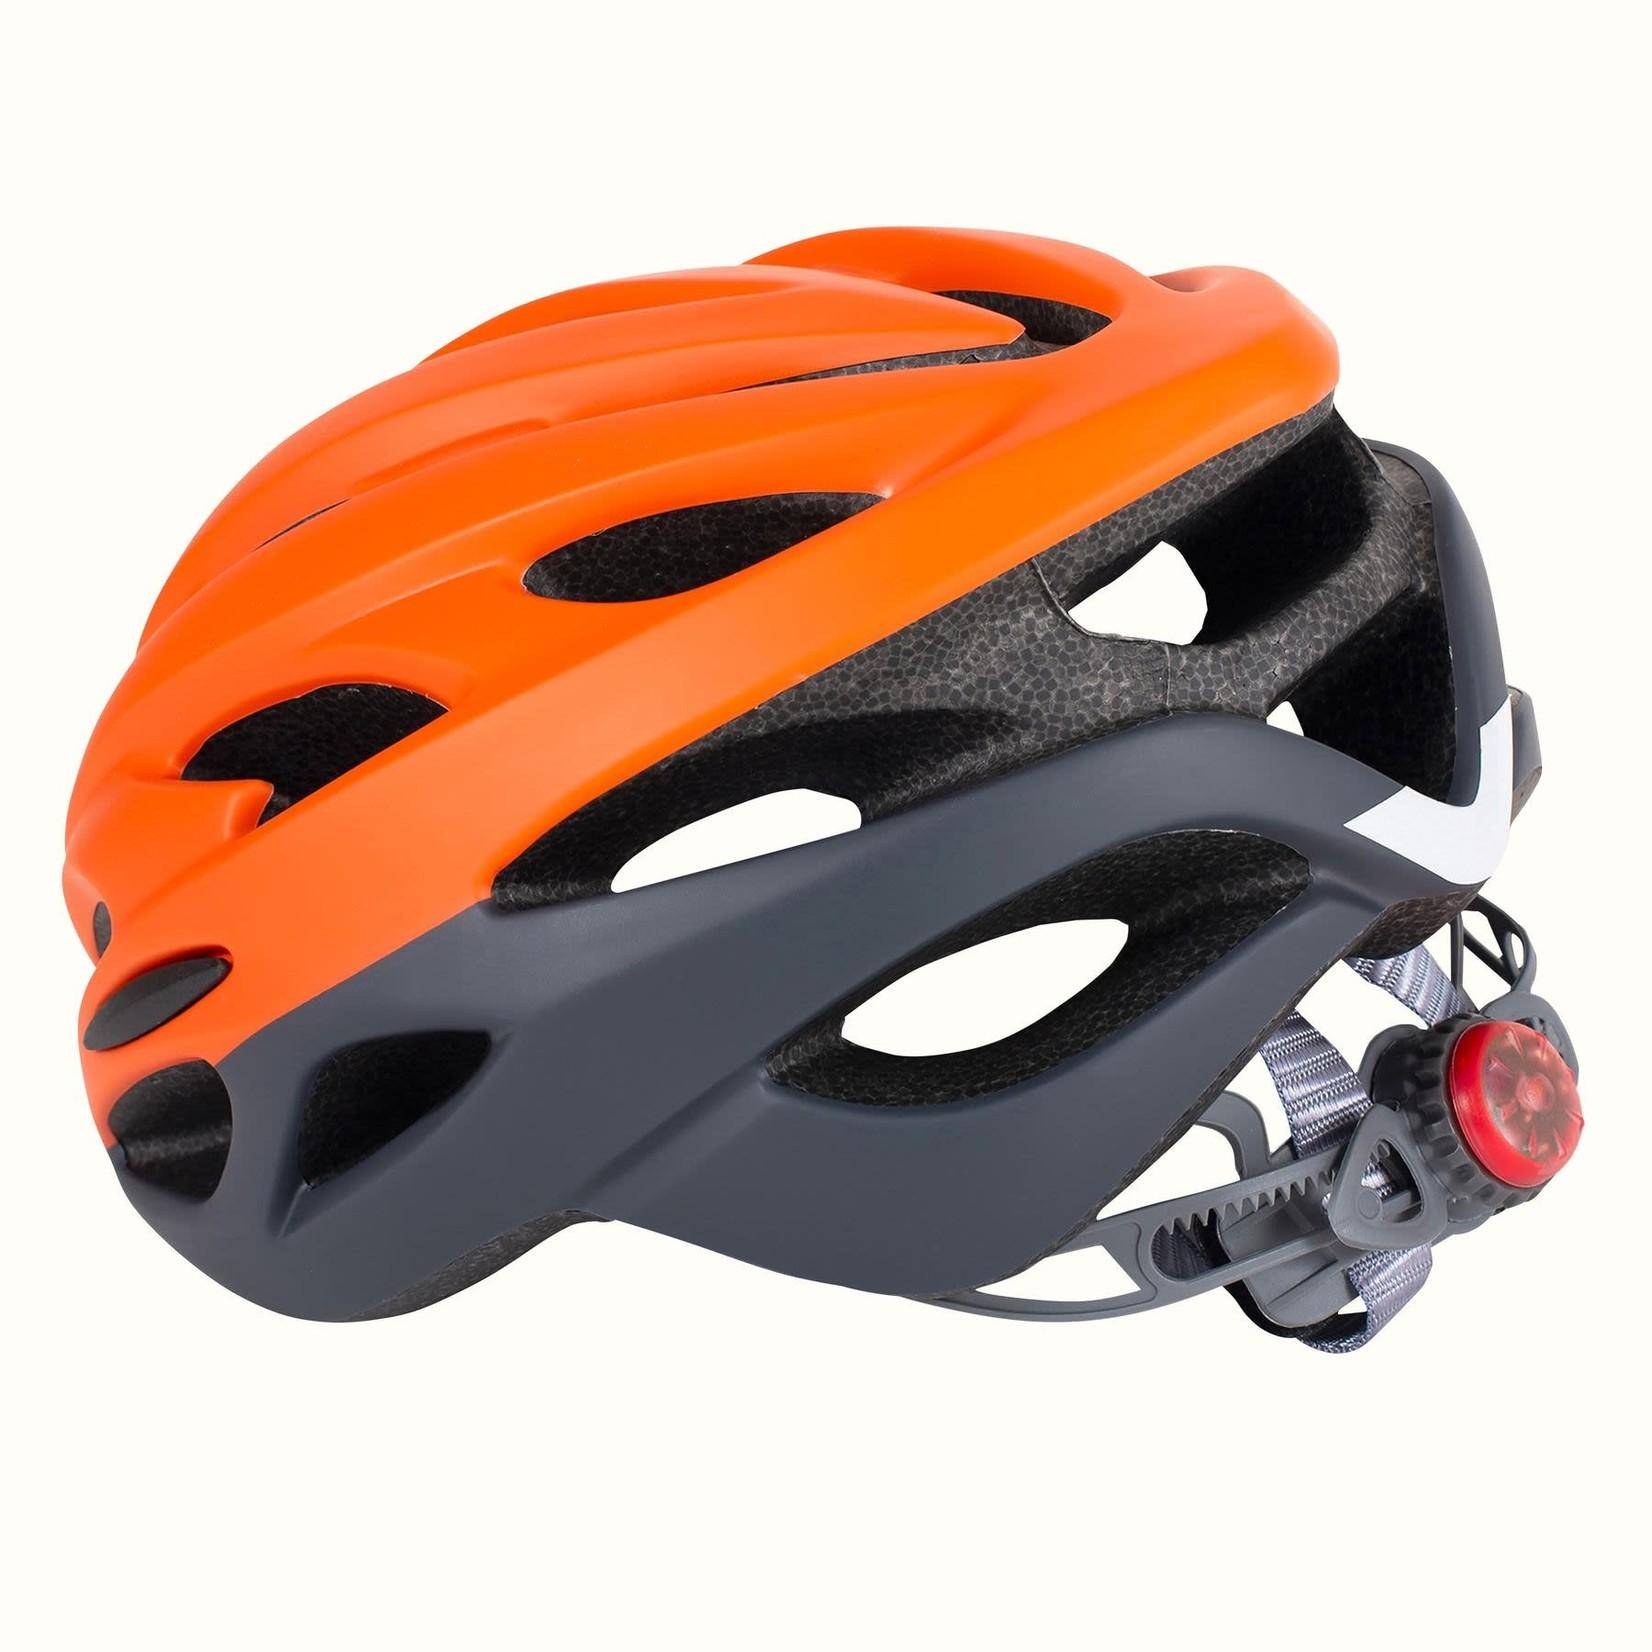 Retrospec Silas Bike Helmet